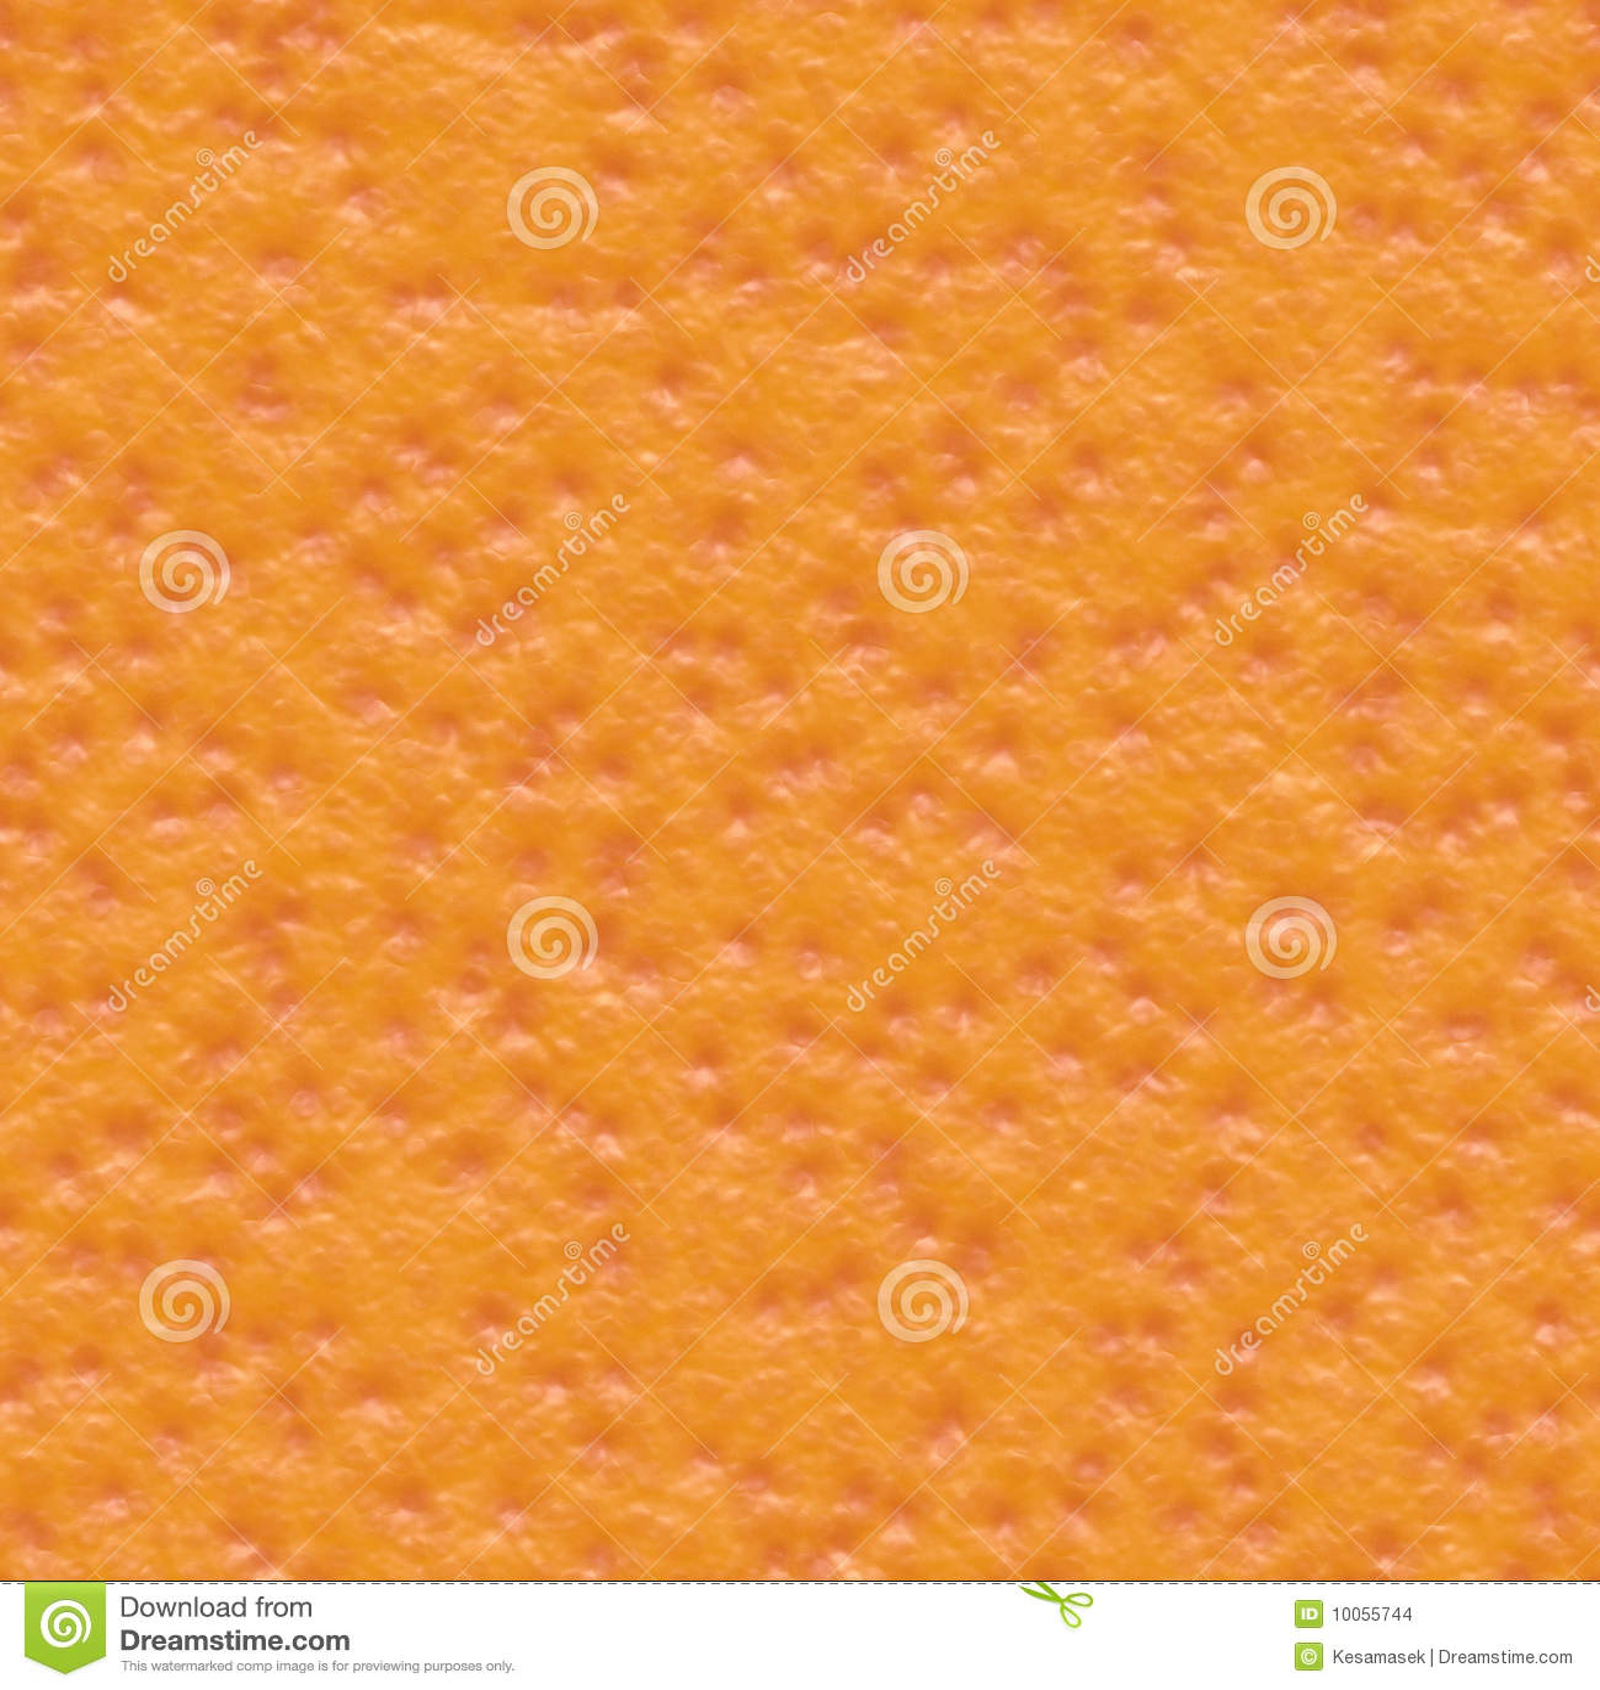 Seamless orange skin texture